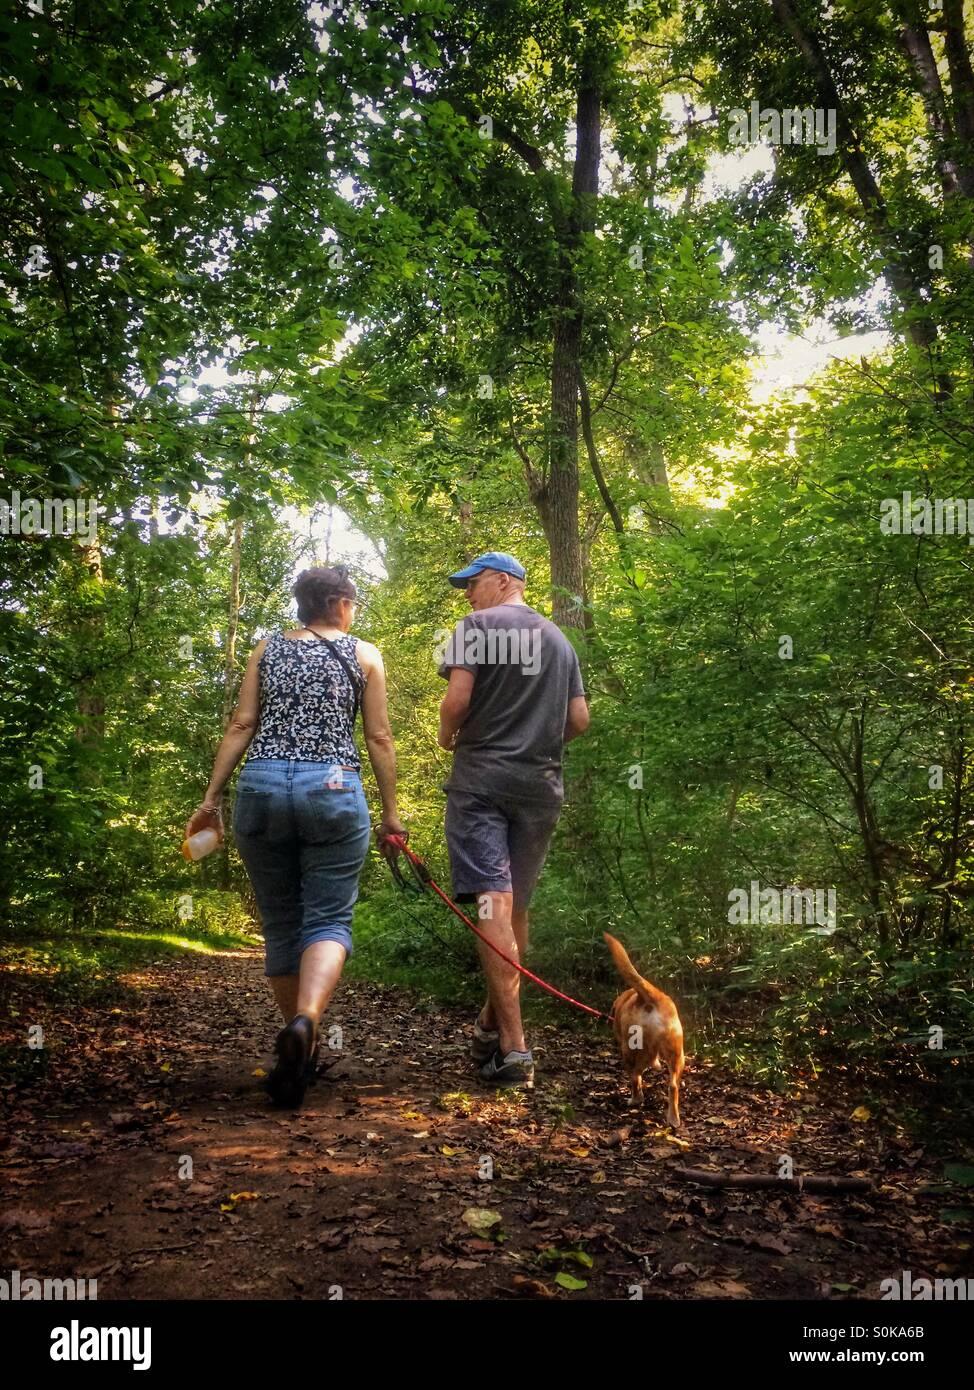 Pareja paseando a un perro en el bosque Imagen De Stock